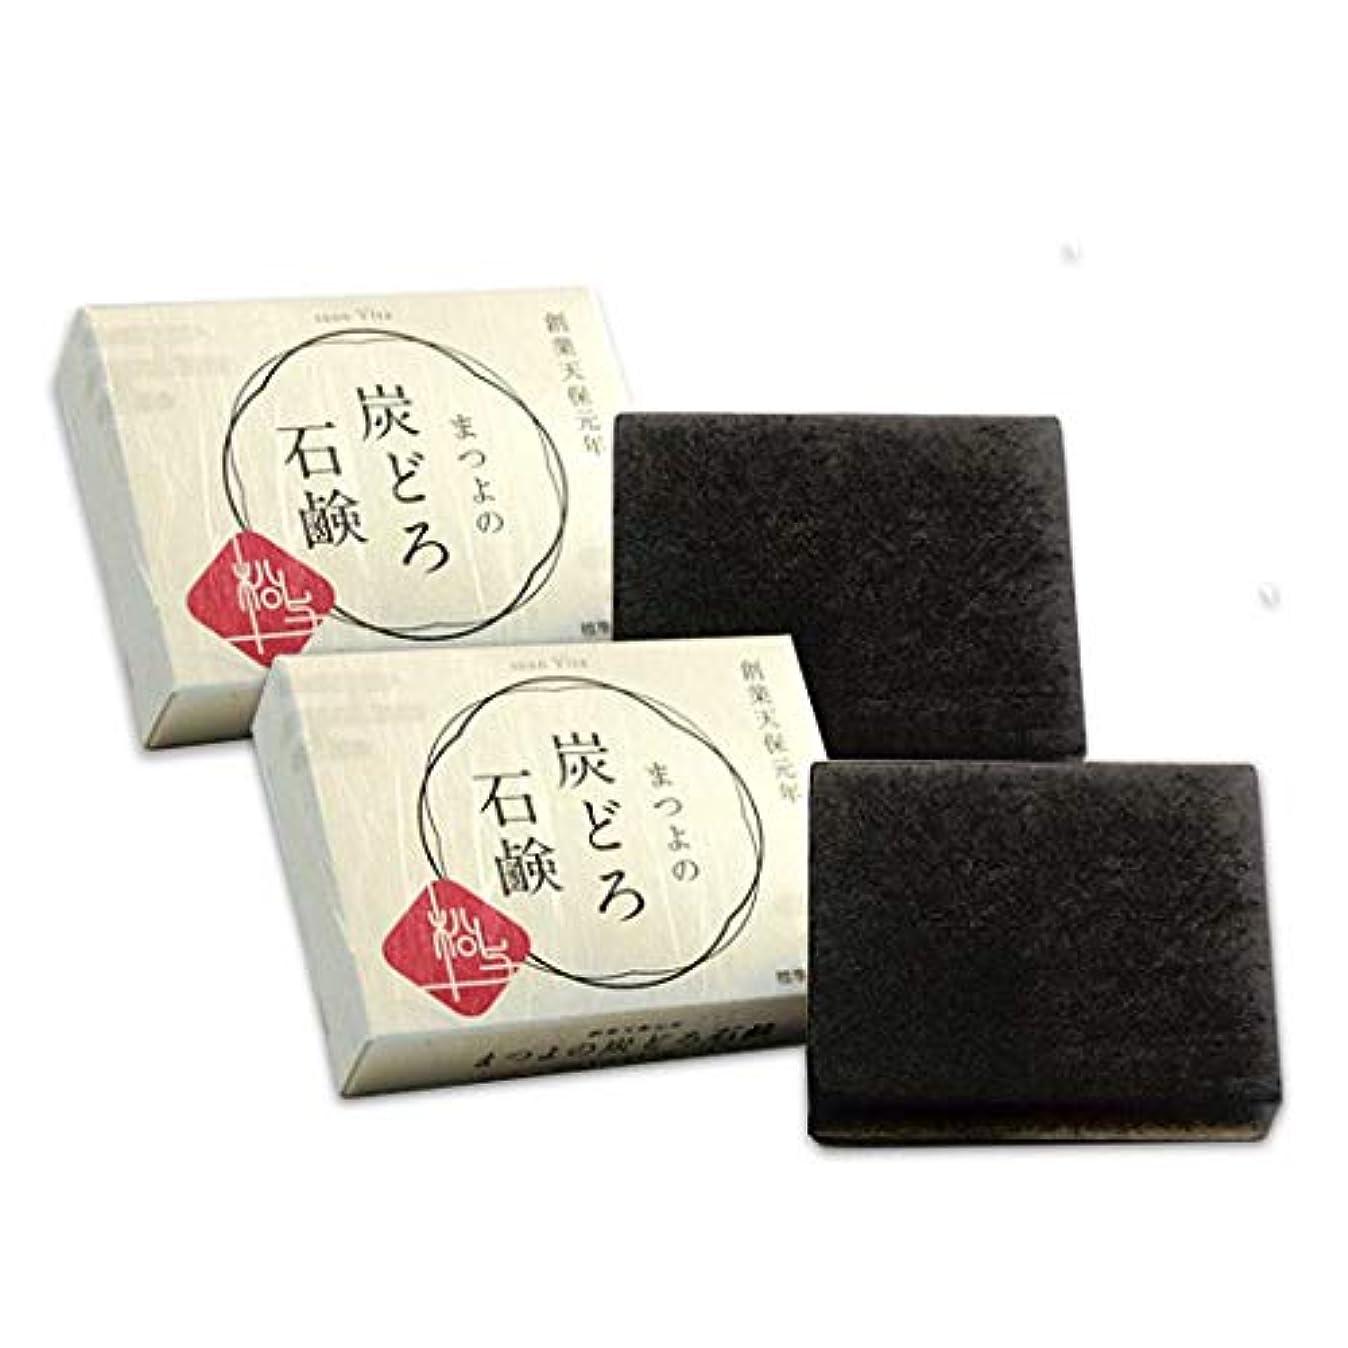 熱意実質的文房具VITA(ヴィータ) 石鹸 EM140 70g×2個入り